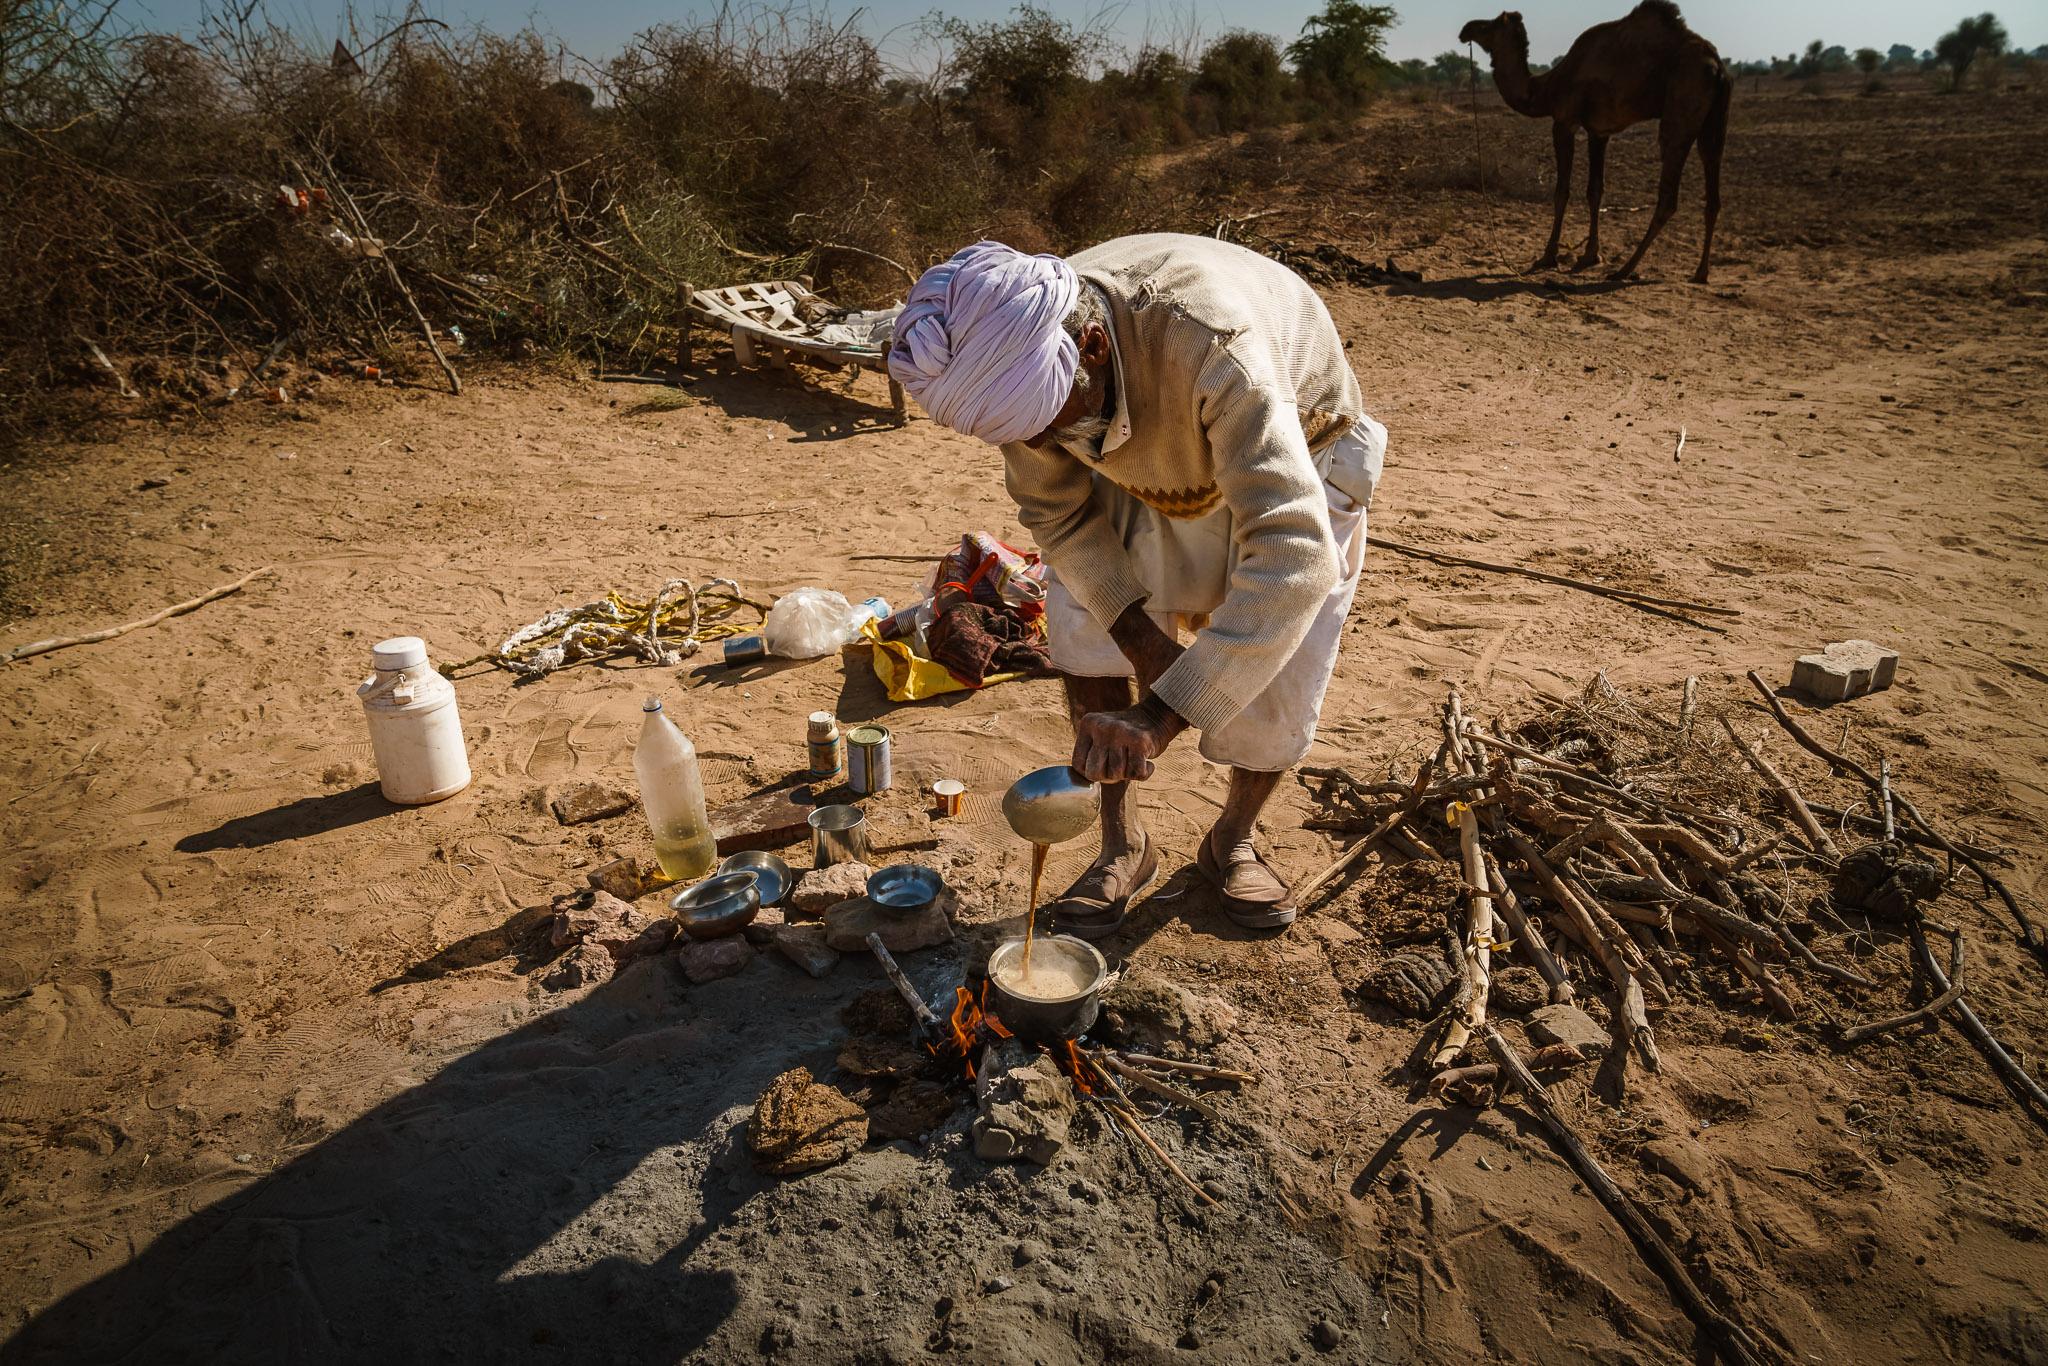 India-pokhran-camel-farmer-9.jpg